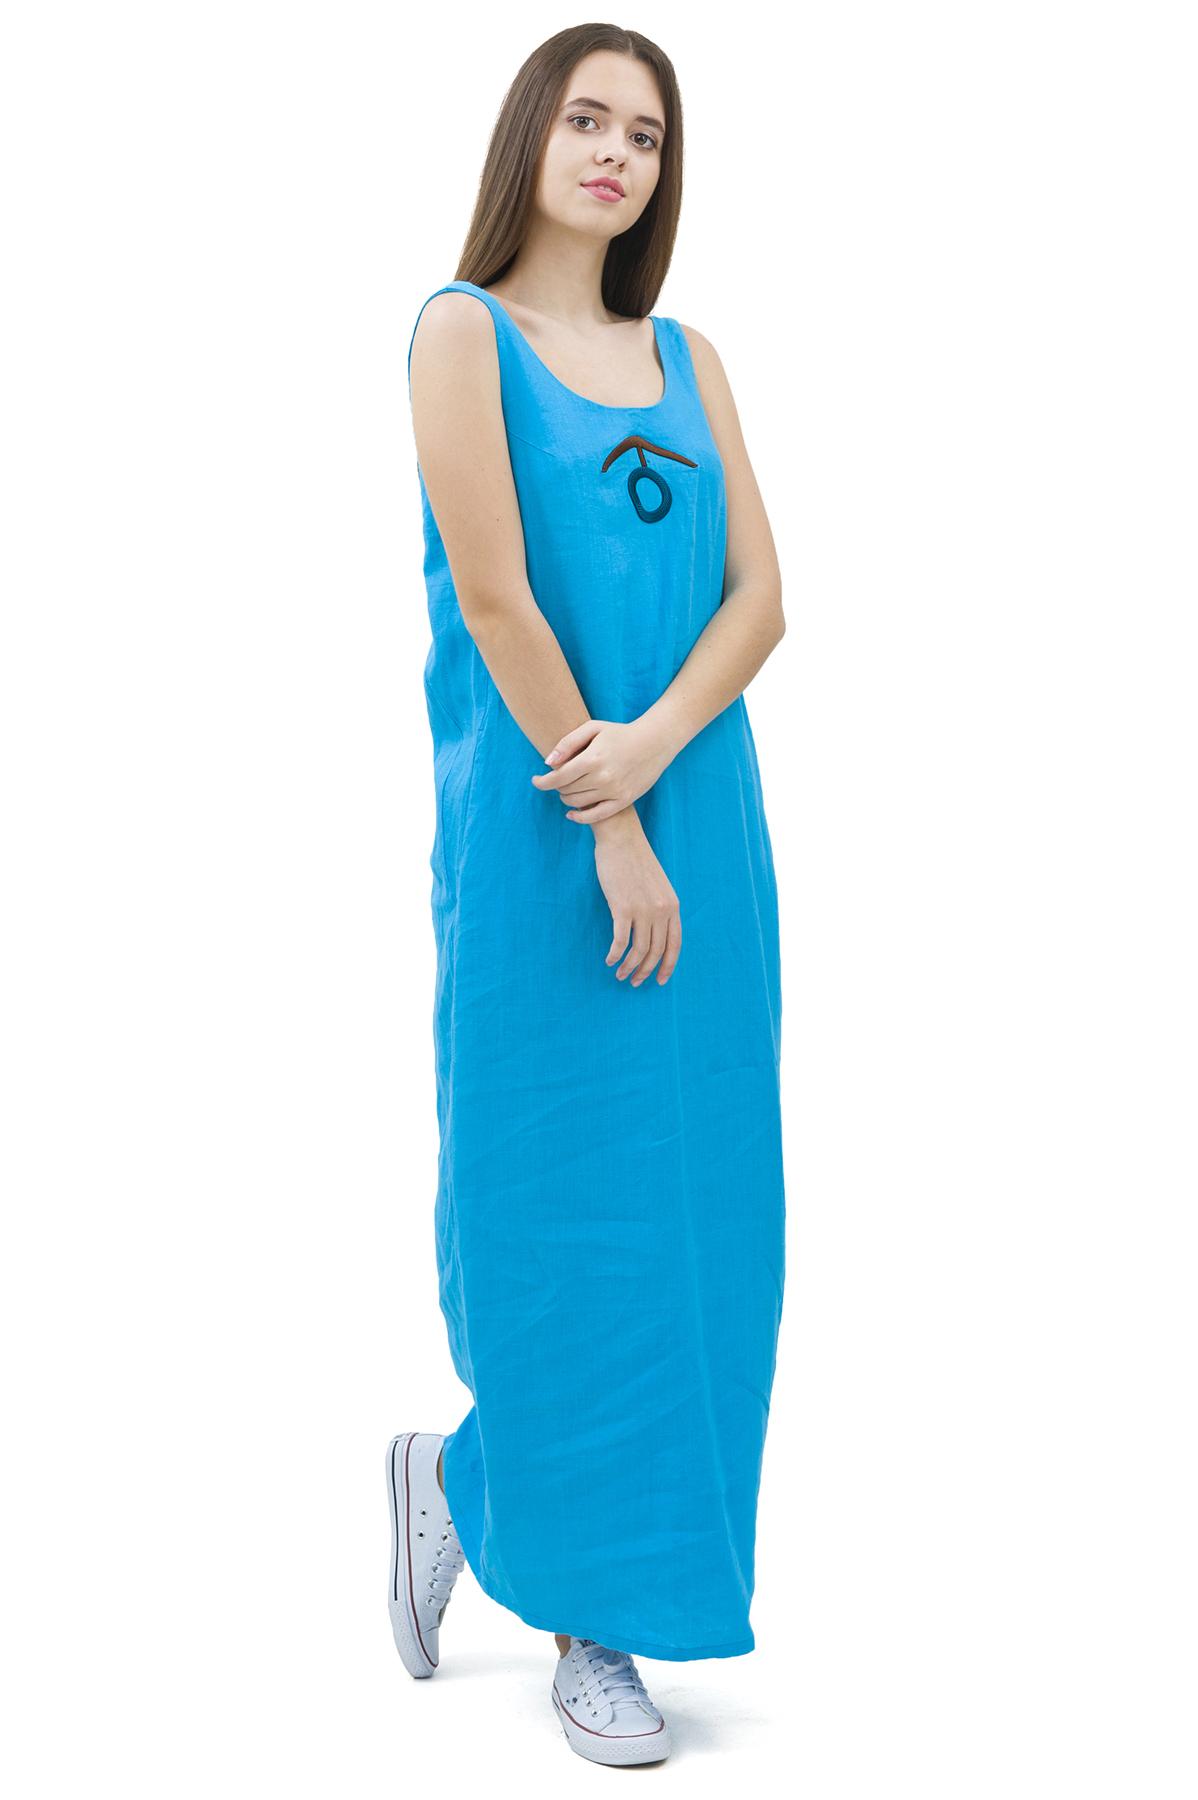 СарафанПлатья,  сарафаны<br>Стильный сарафан выполнен из натуральной ткани - льна. Данная модель удачно подчеркнет красоту Вашей фигуры, а яркая расцветка сарафана не оставит Вас незамеченной.<br><br>Цвет: голубой<br>Состав: 100% лен<br>Размер: 40,42,44,46,48,50<br>Страна дизайна: Россия<br>Страна производства: Россия